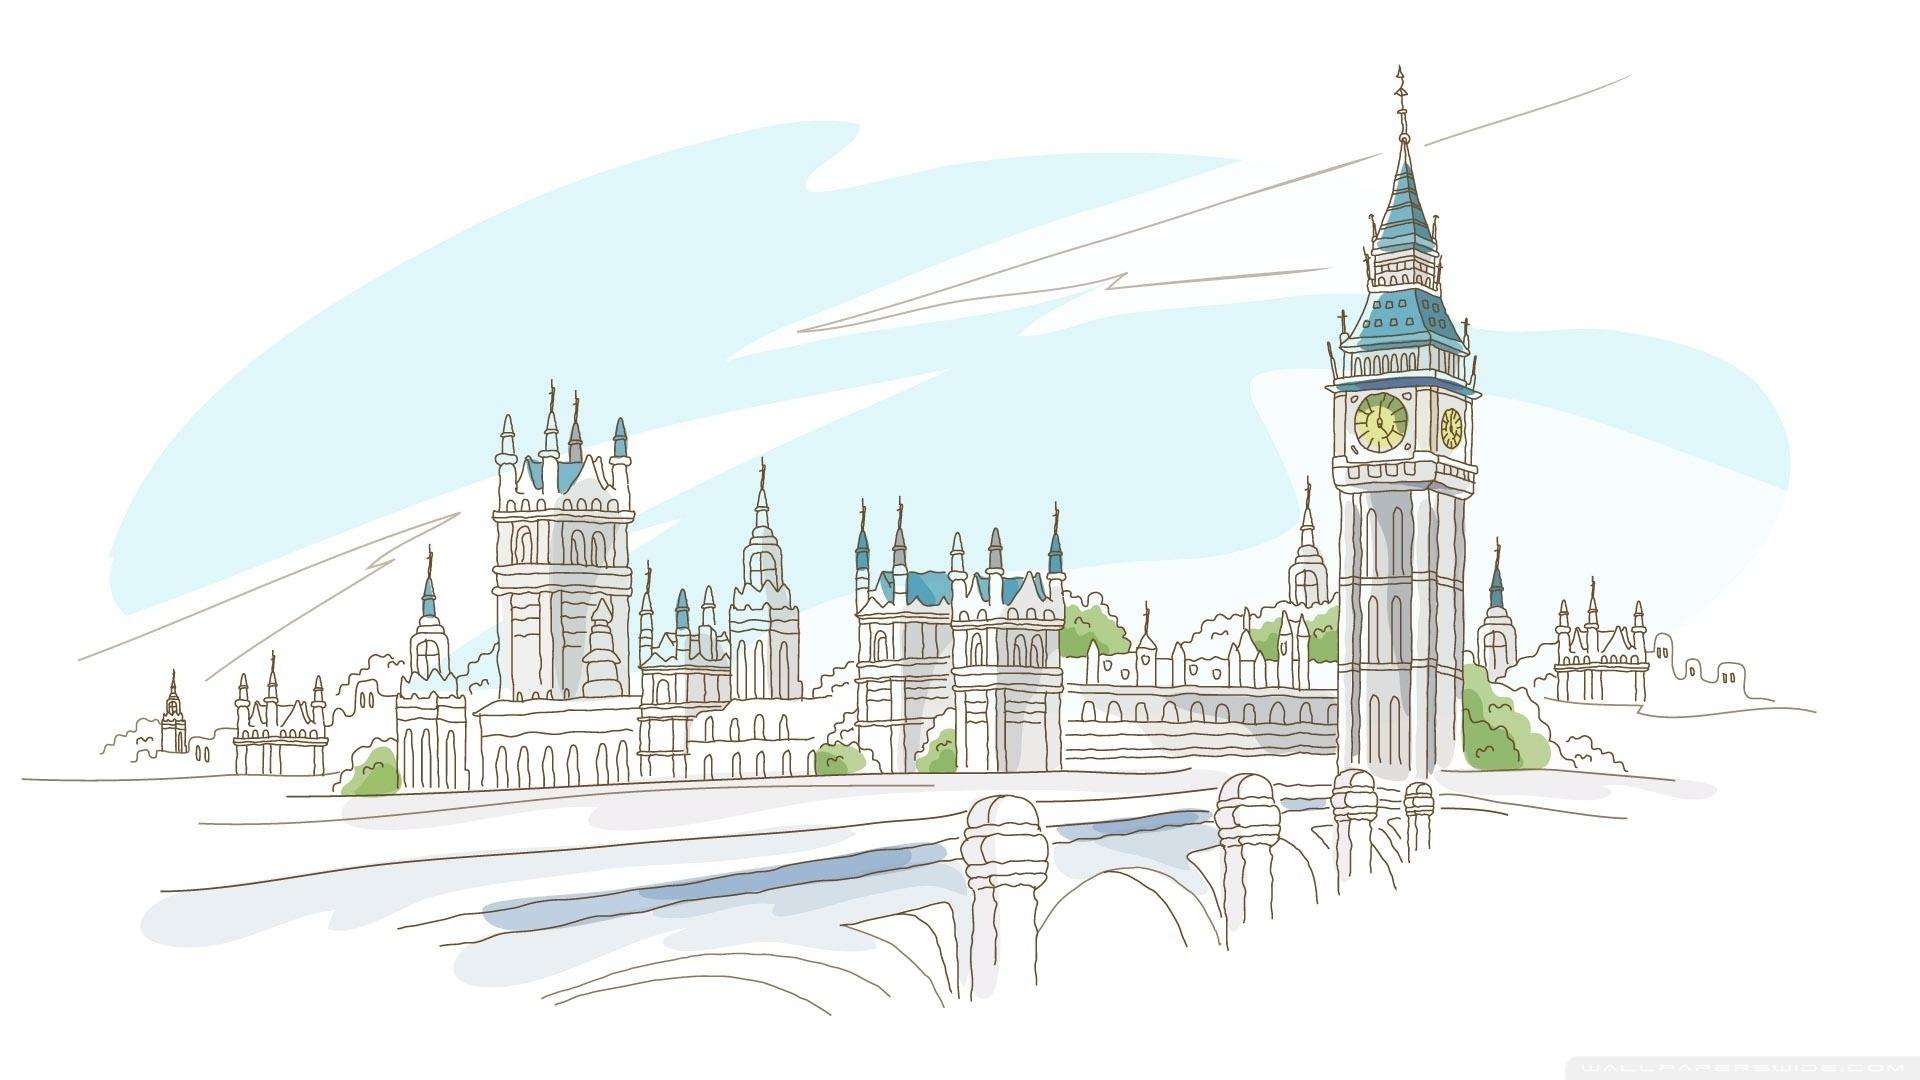 17520 скачать обои Пейзаж, Рисунки, Лондон, Биг Бен (Big Ben) - заставки и картинки бесплатно